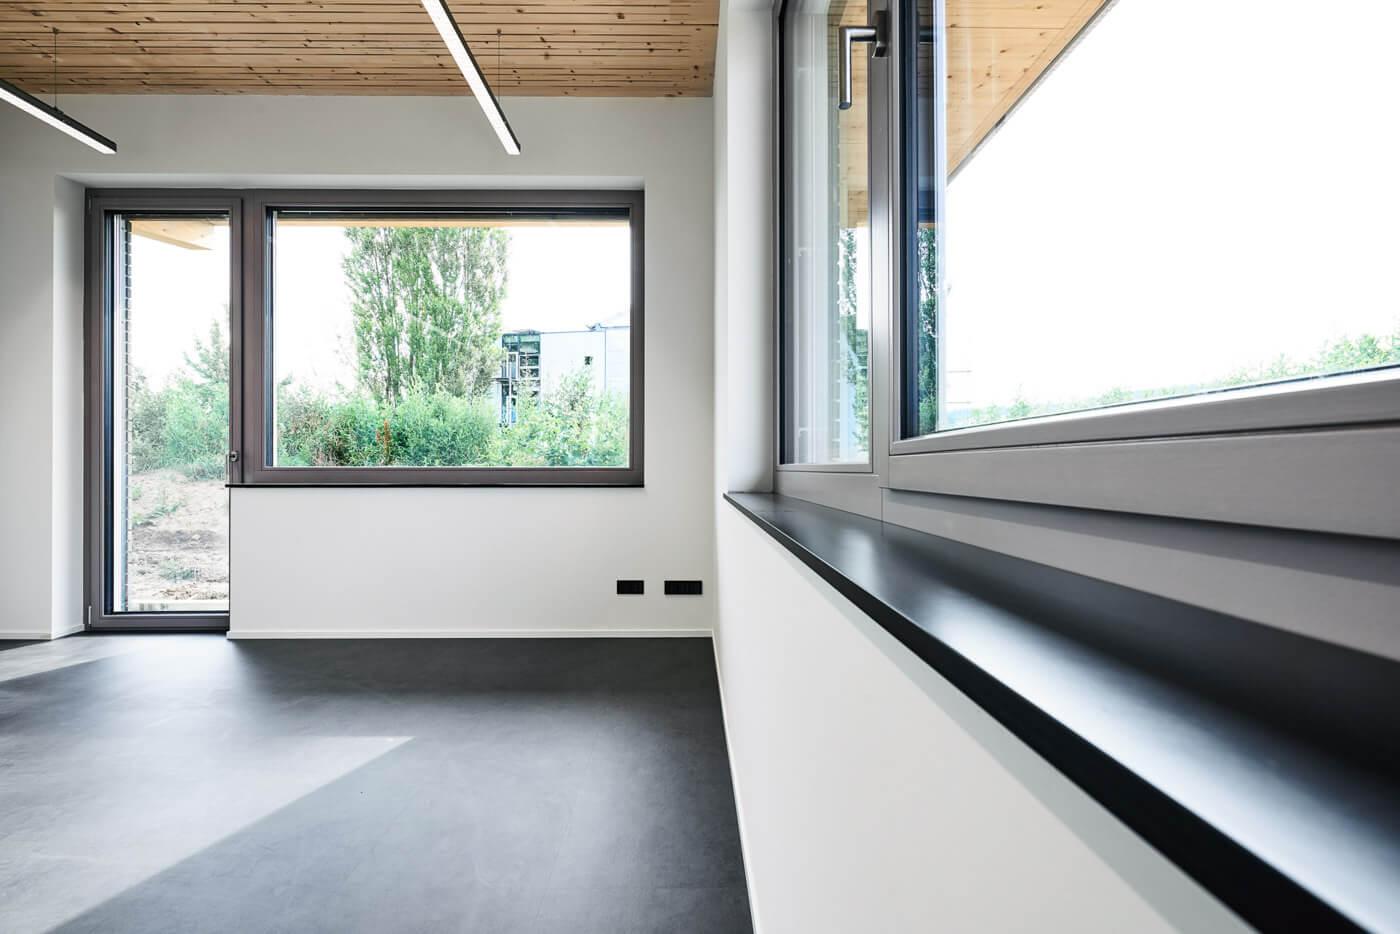 Fenster und Fensterbank